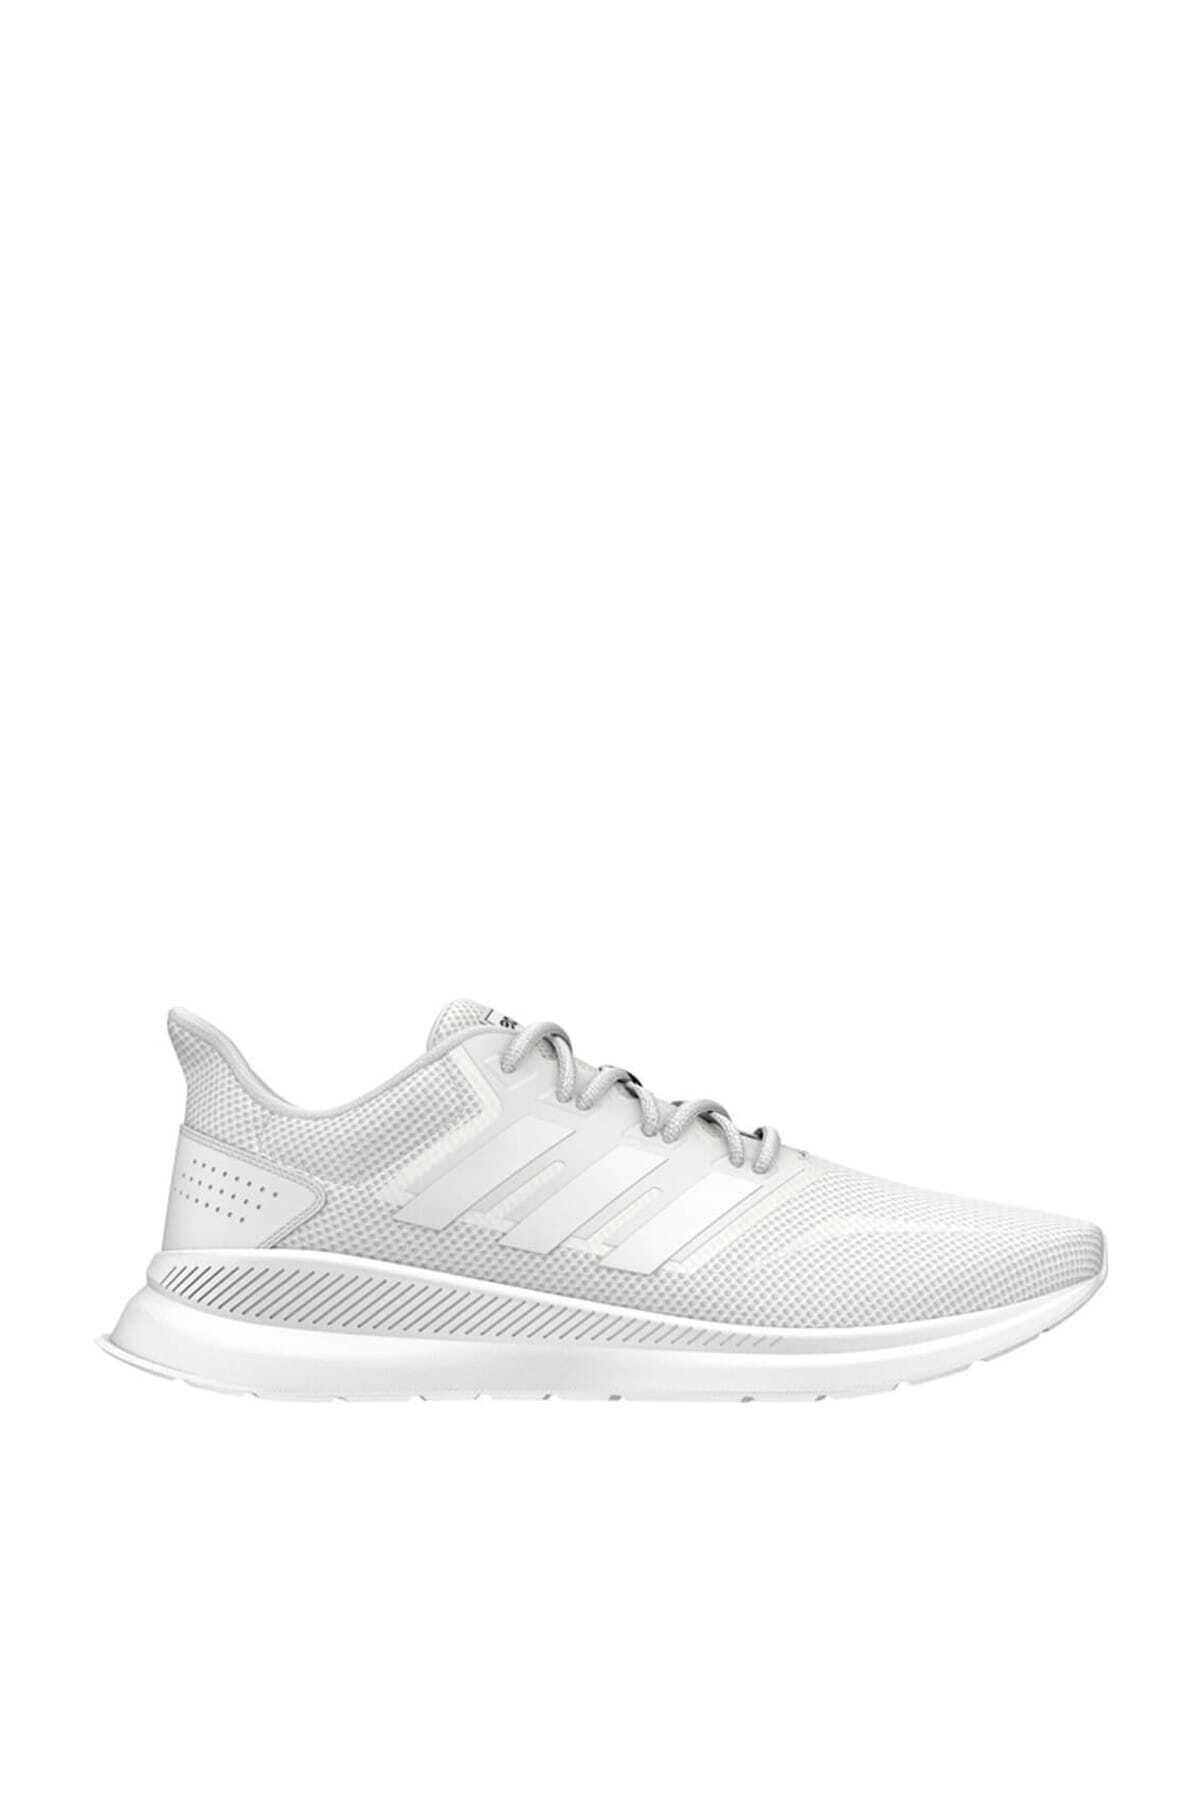 adidas G28971 Beyaz Erkek Koşu Ayakkabısı 100403396 1